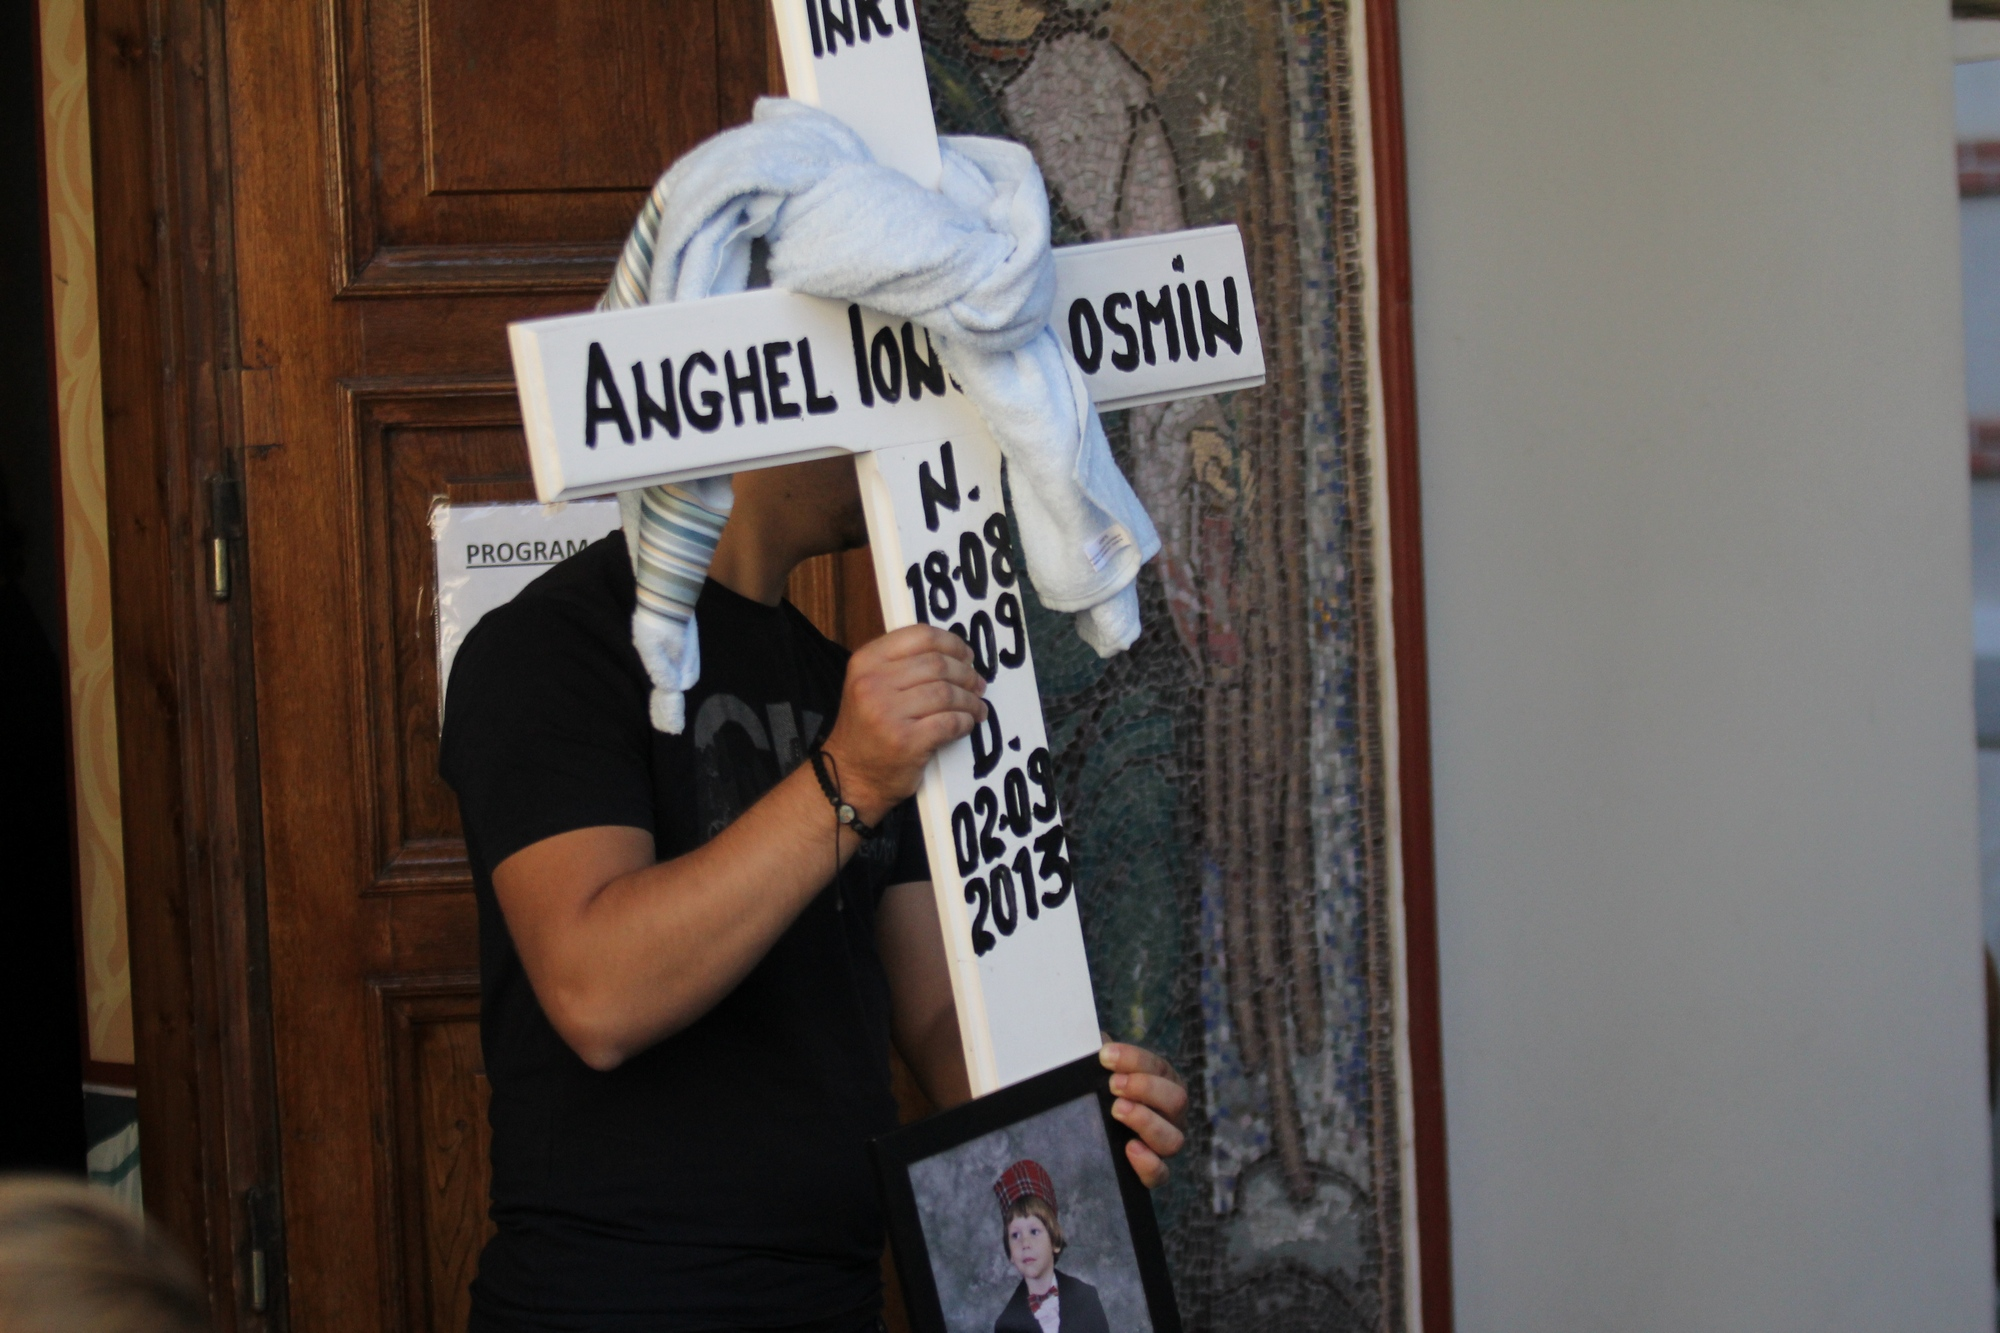 Cand a fost scoasa crucea cu poza lui Ionut din capela, mai multe persoane au izbucnit in plans